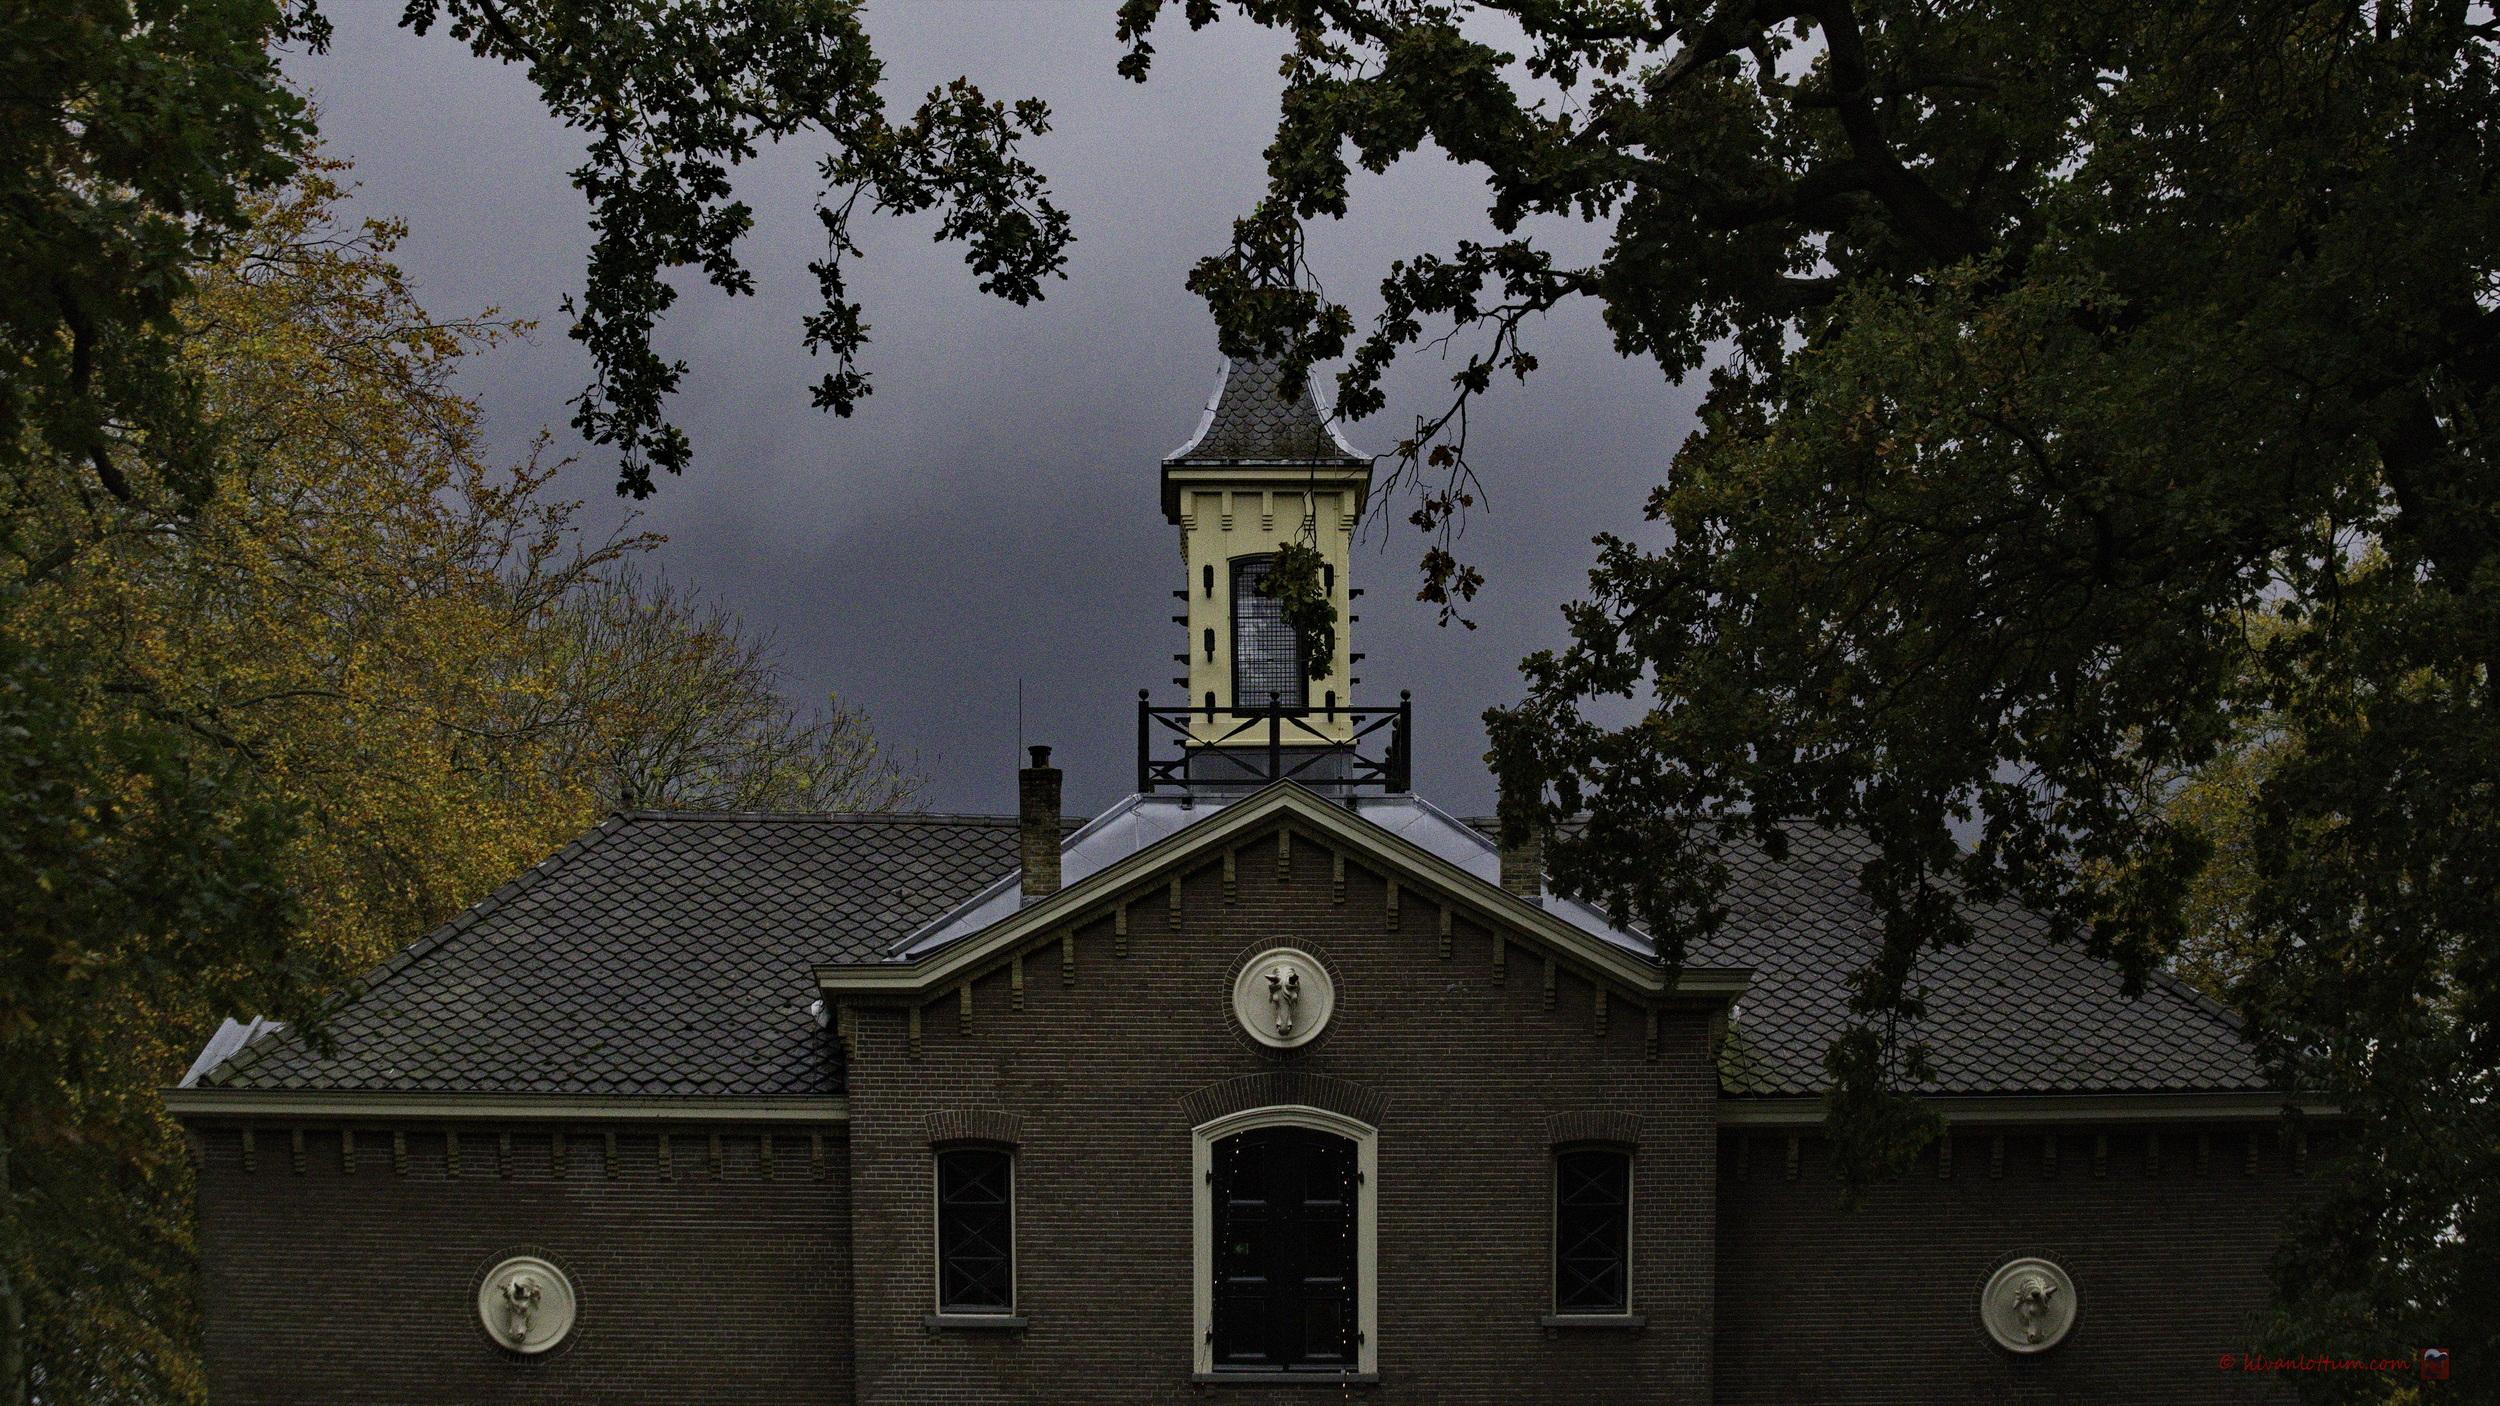 Onweer boven het Koetshuis - Poelgeest